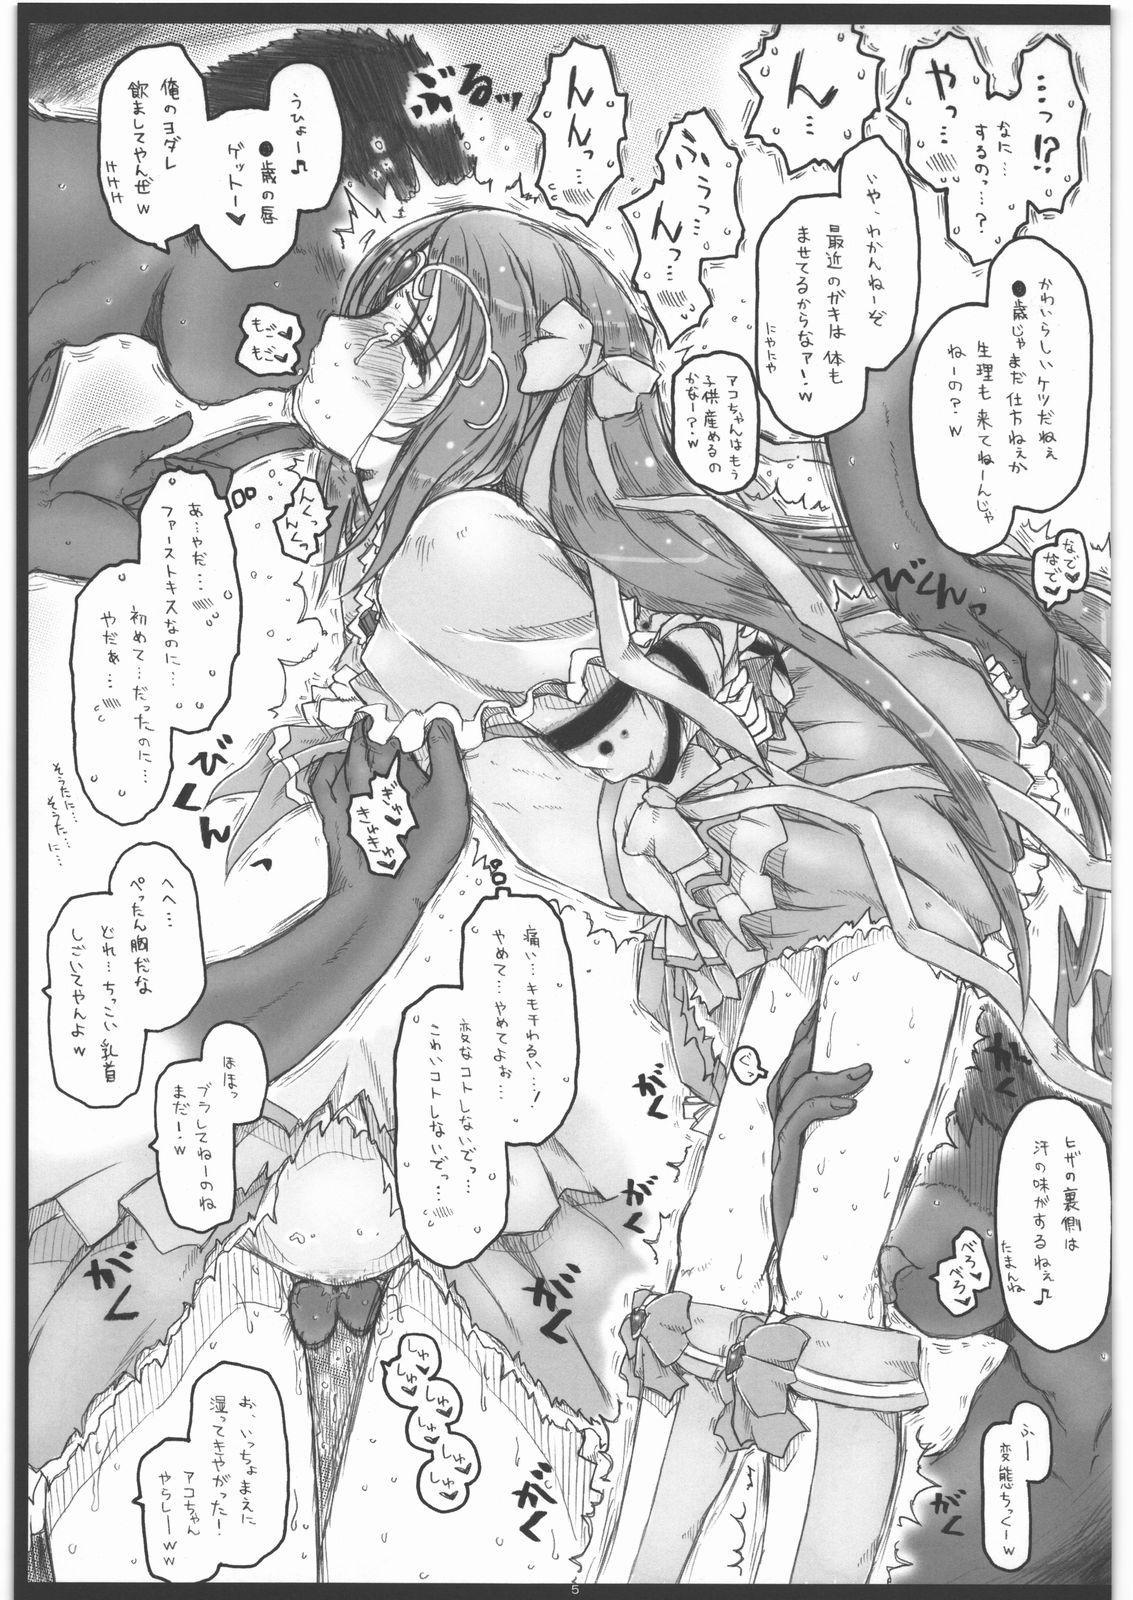 Tsumabiita no wa Megami no Shirabe ni Arazu 3